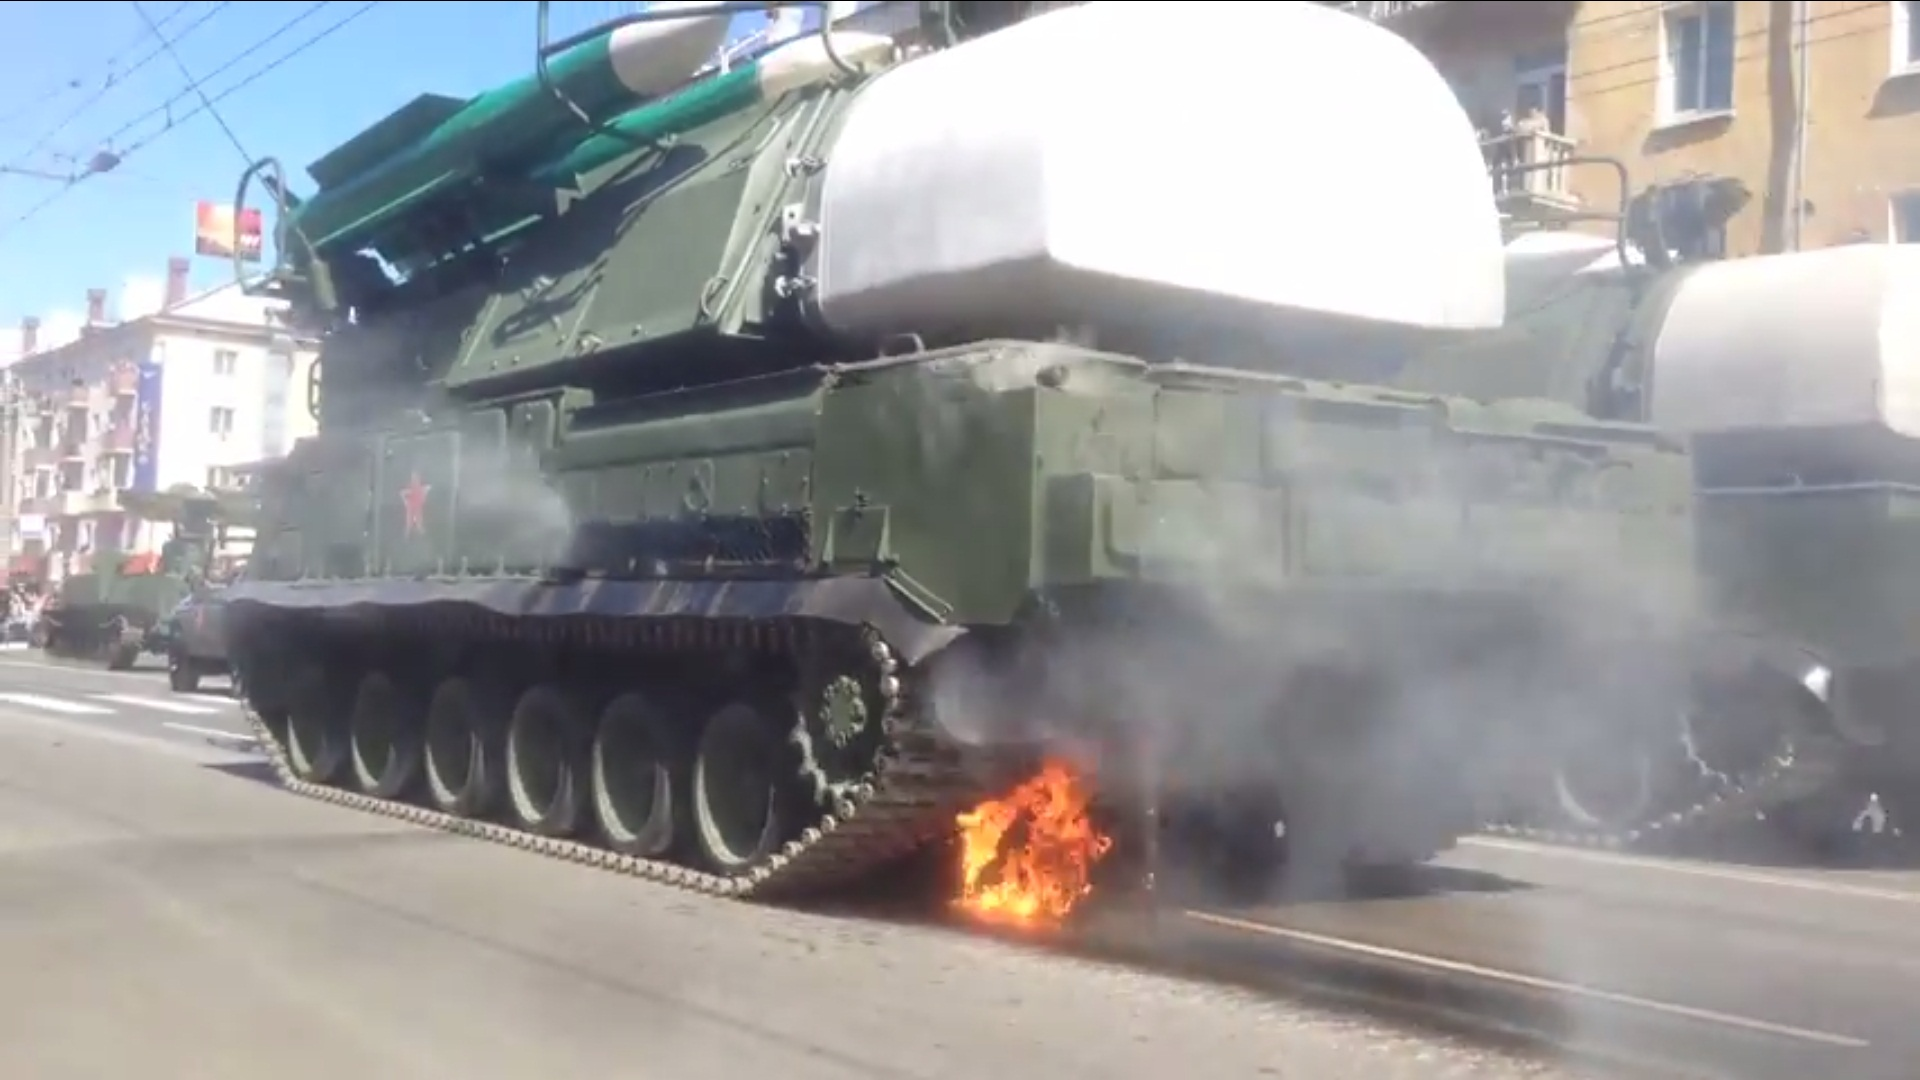 Вот она вся слава ВС РФ! Прямо во время парада Победы загорелся их прославленный БУК (ВИДЕО)